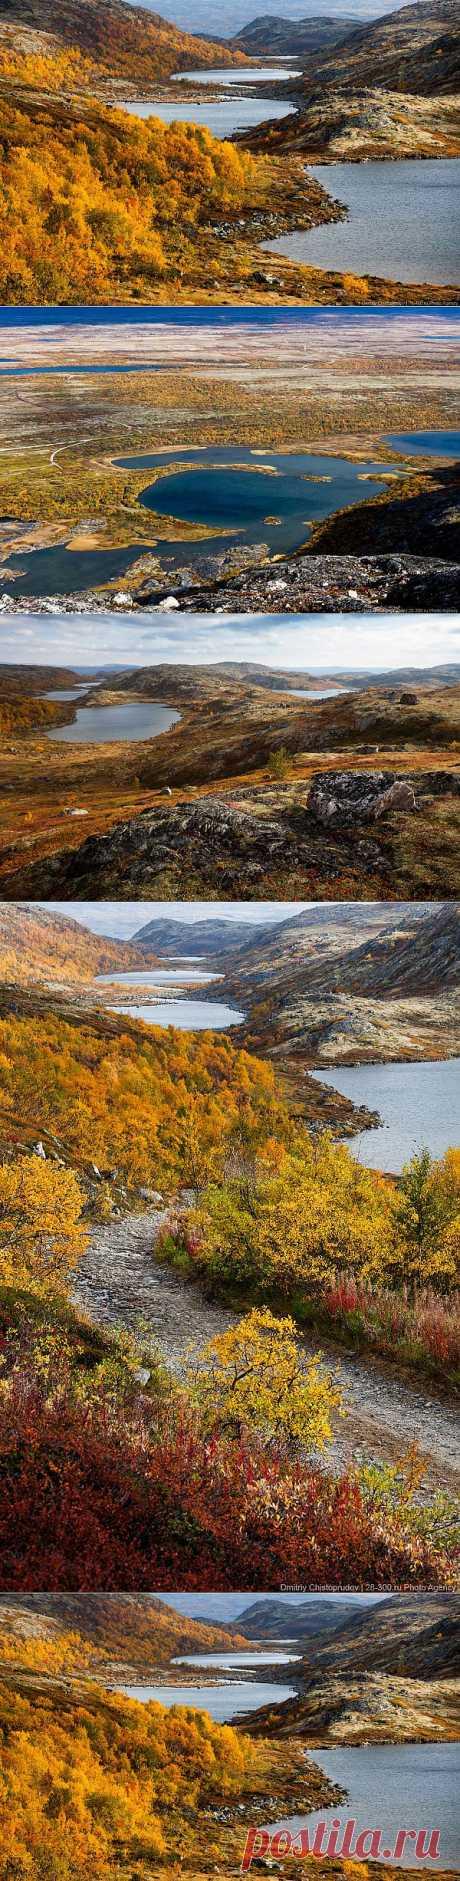 >> Золотая осень на Кольском полуострове. Дорога домой | ФОТО НОВОСТИ